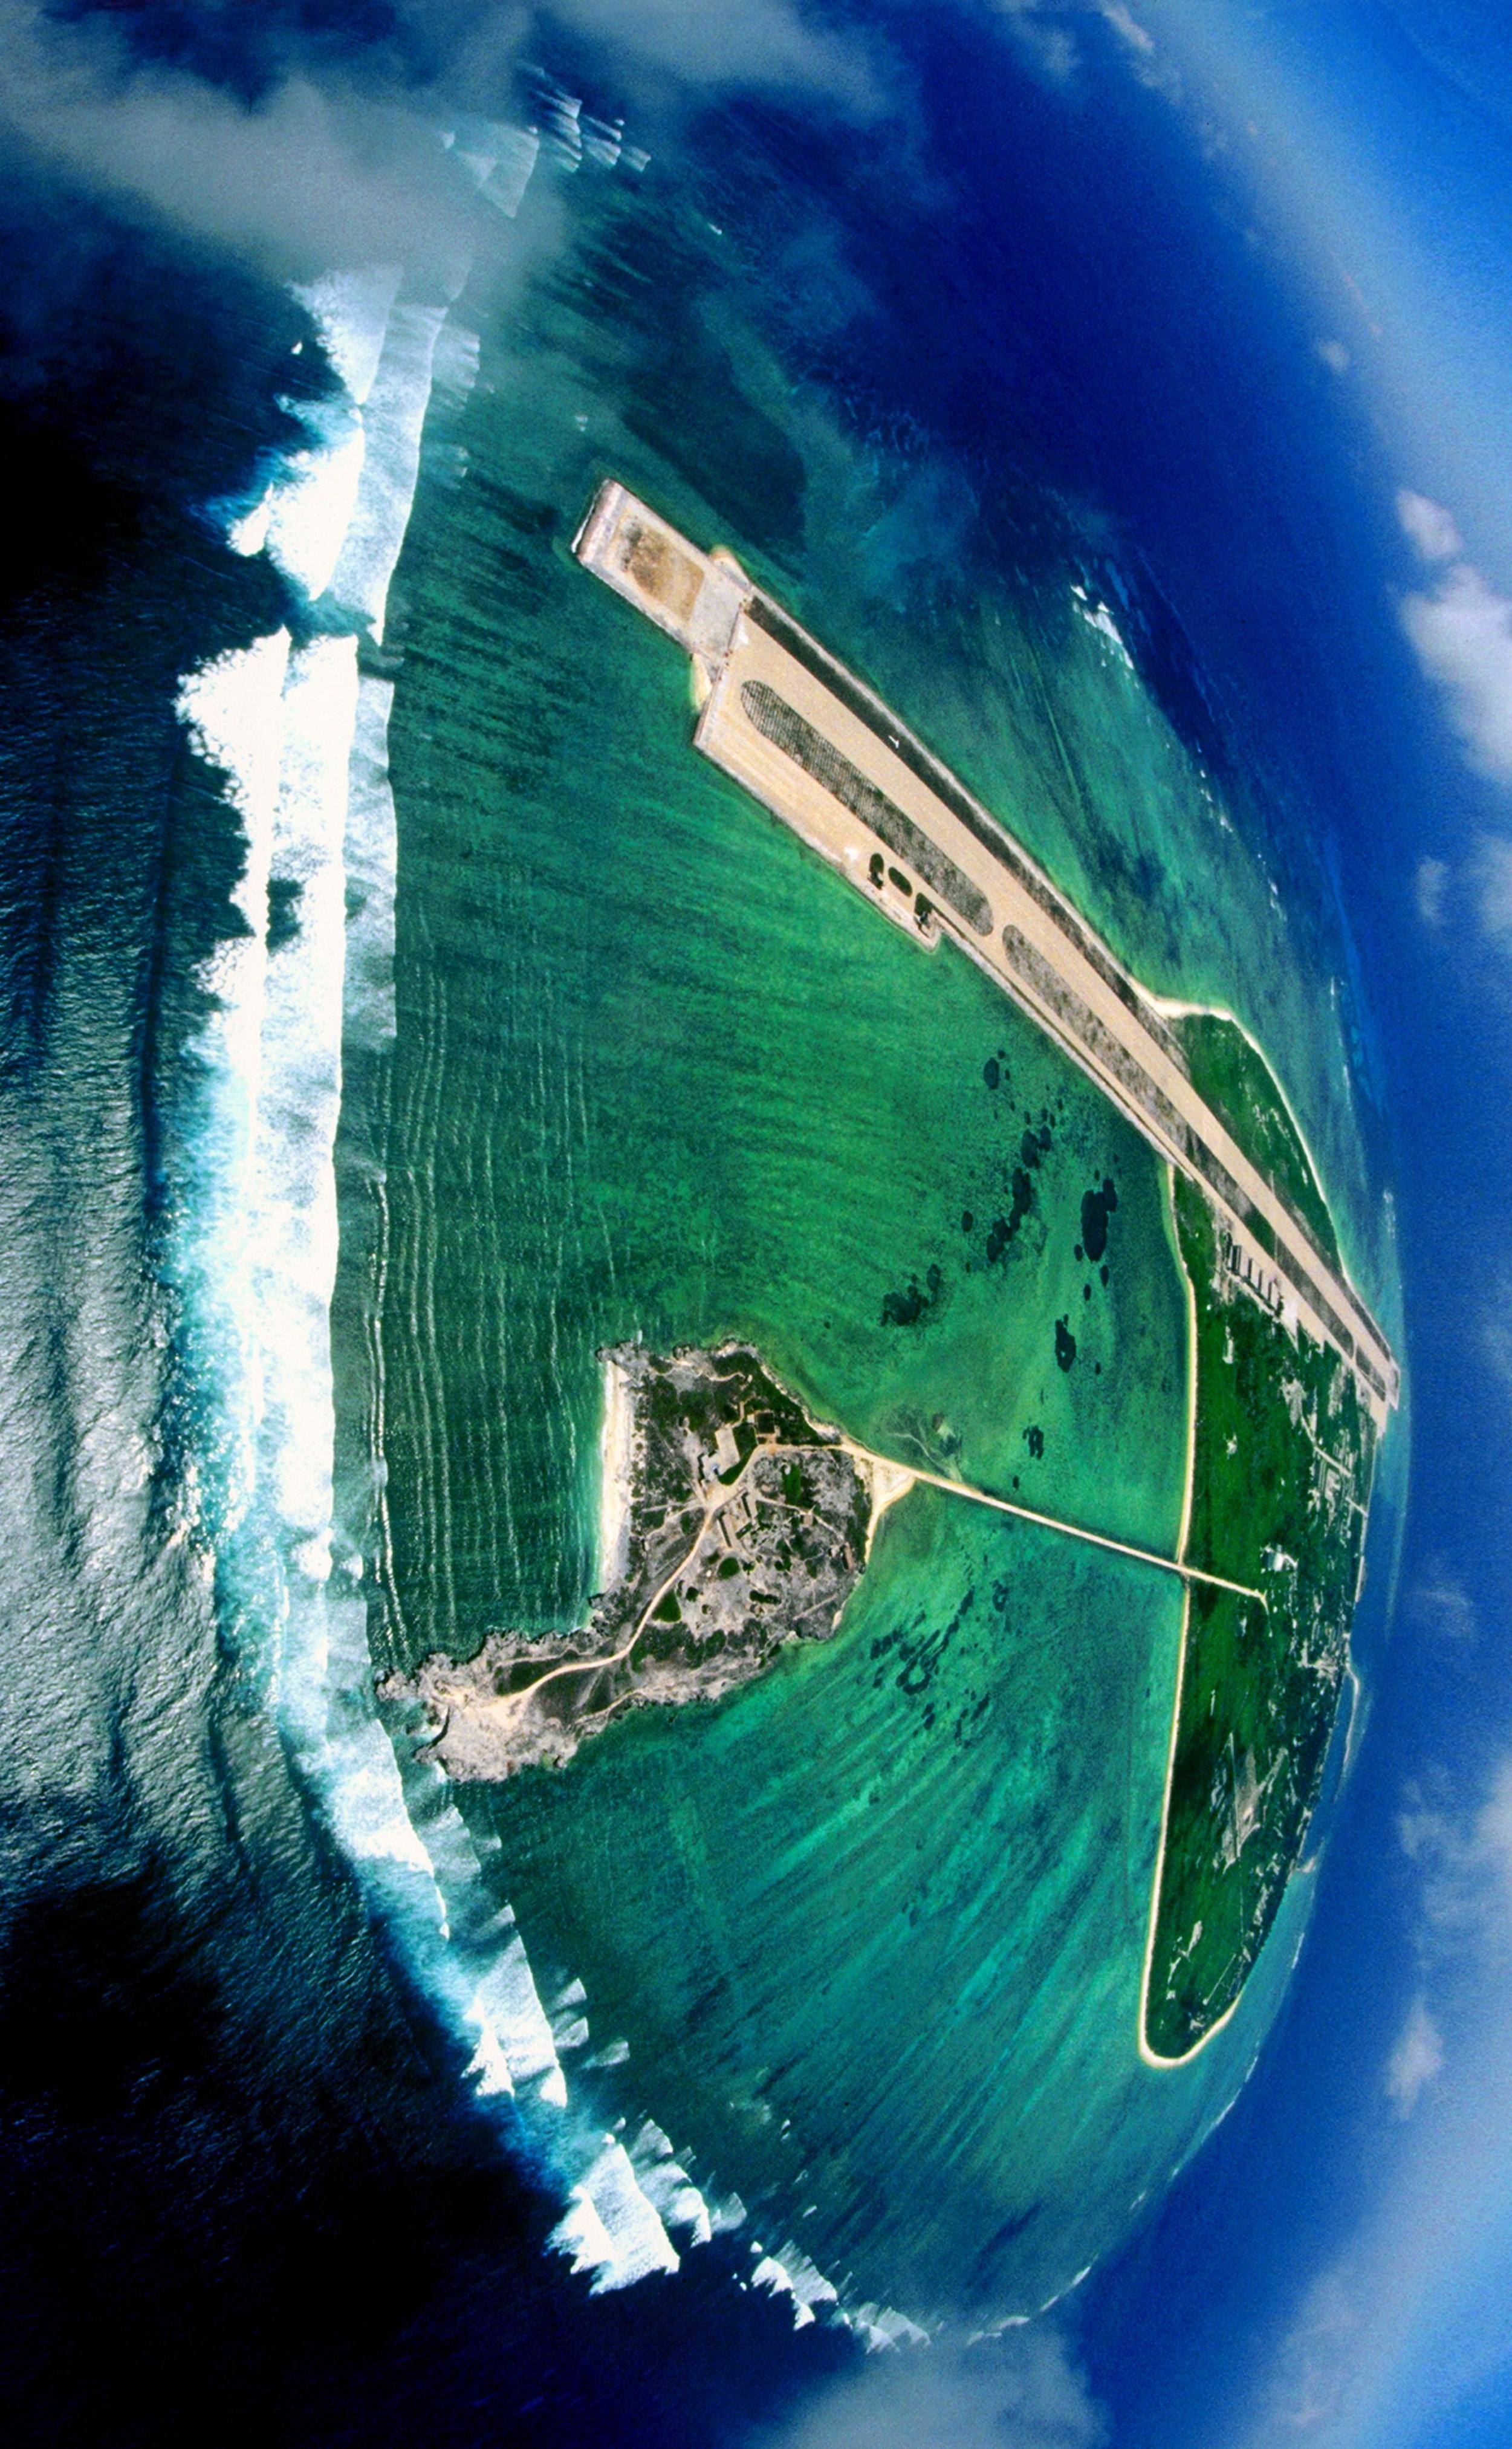 必须横屏!新华社记者世界海洋日送你南海高清大图